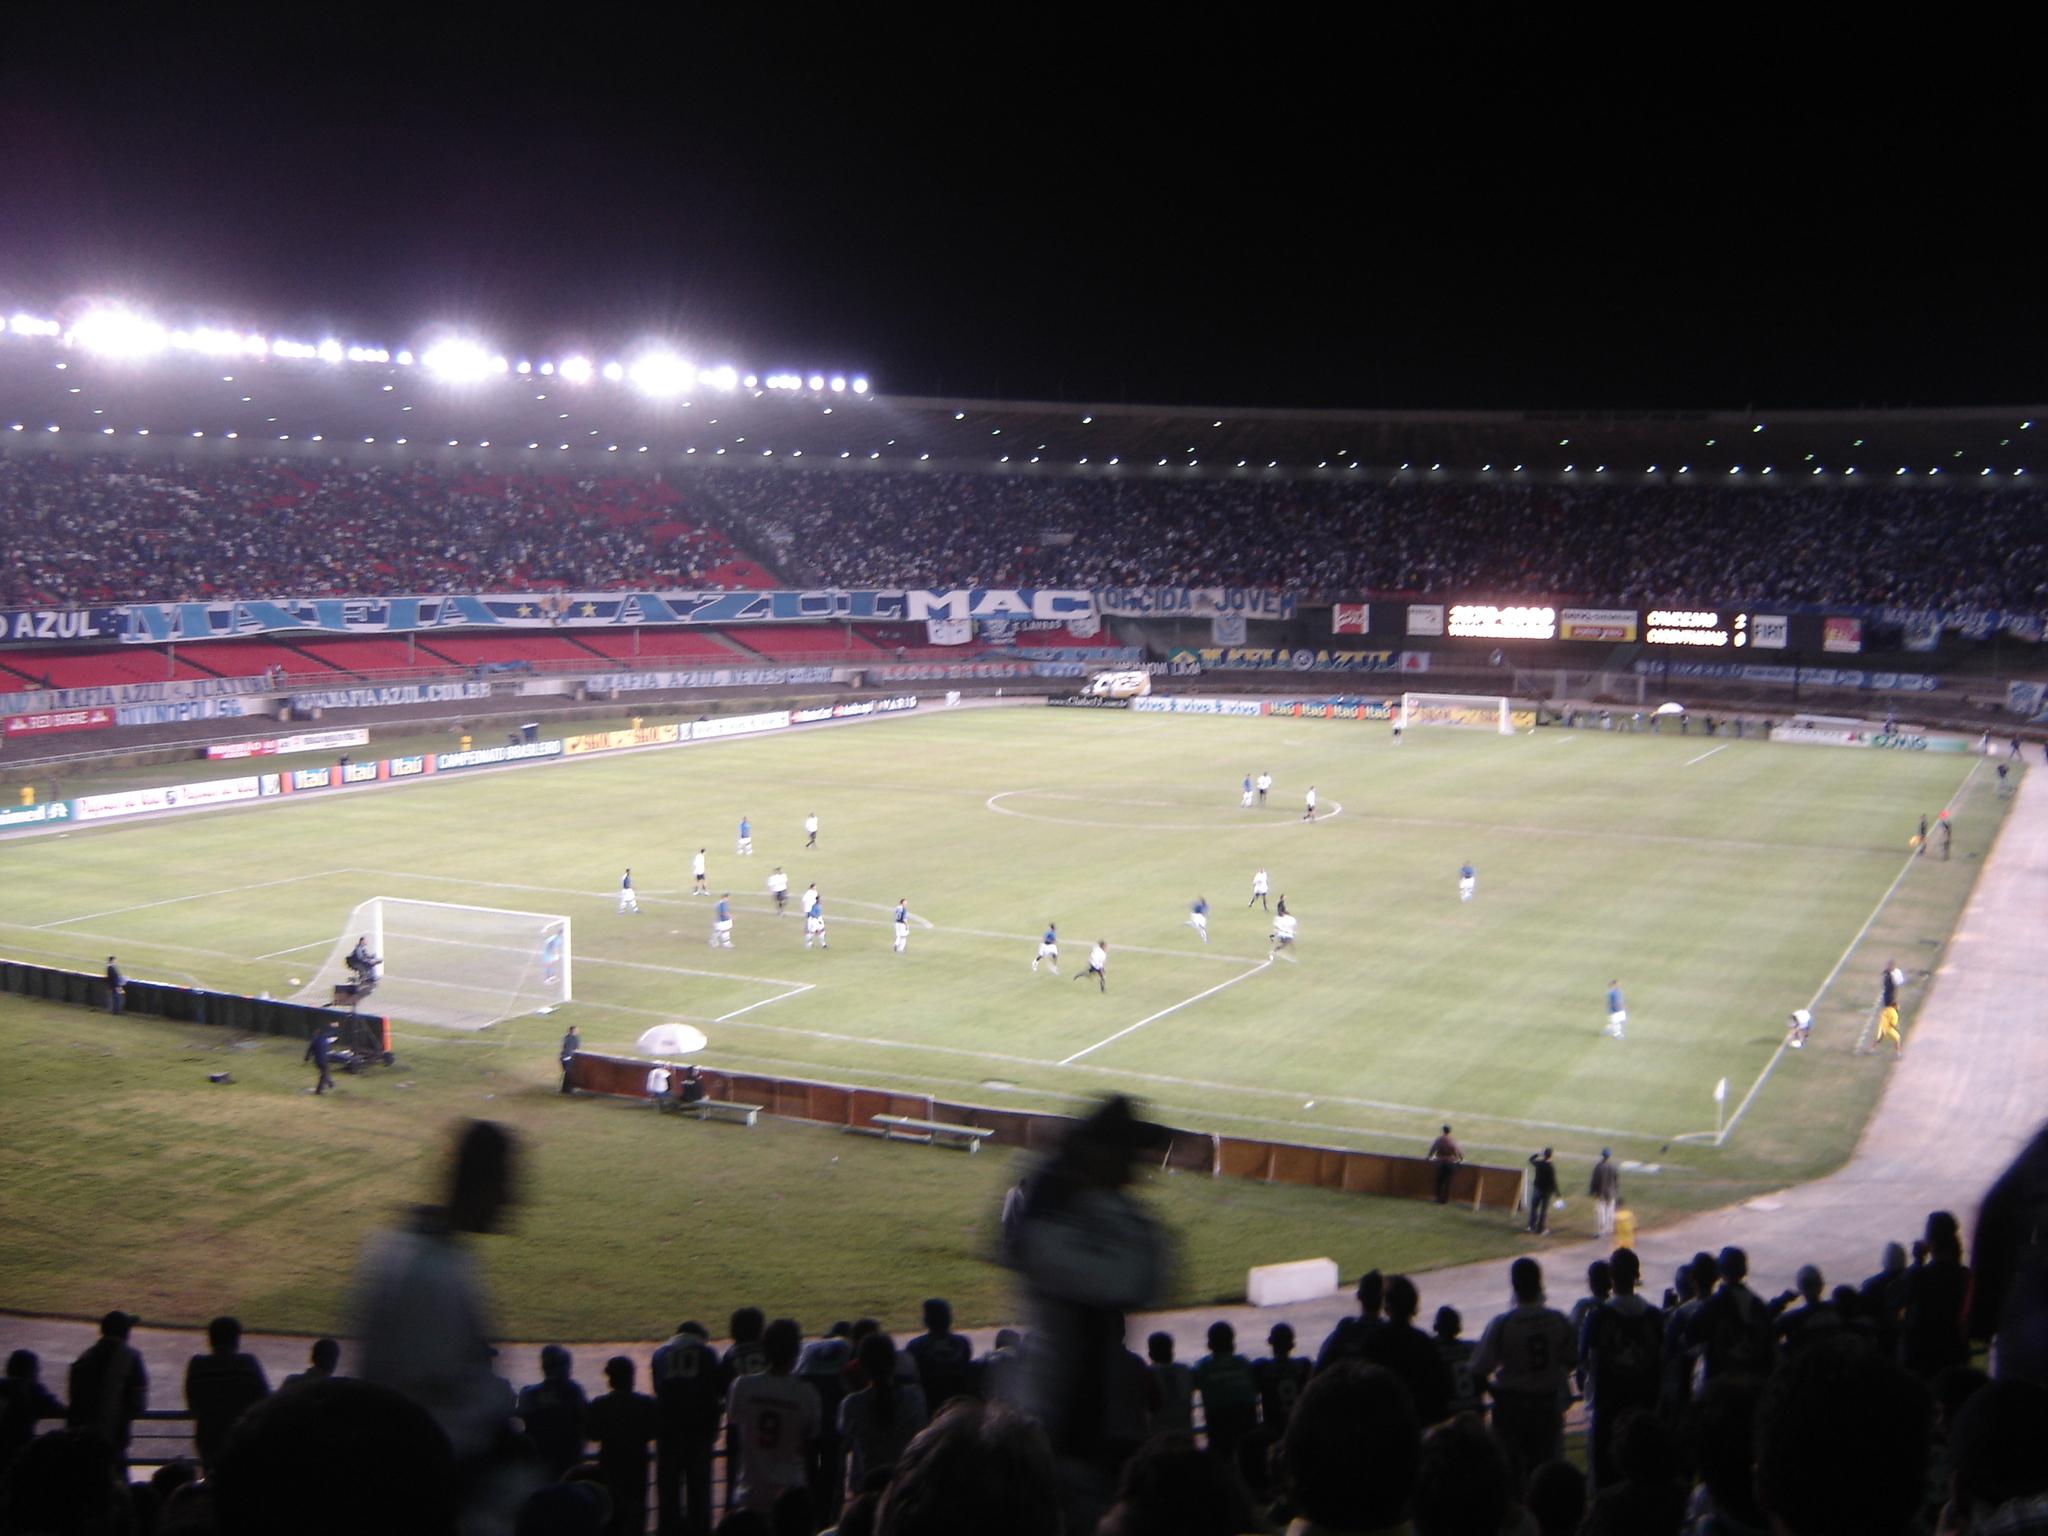 Partida entre Cruzeiro e Corinthians no Mineirão (principal estádio de  Minas Gerais) 04cf5c2faaae2